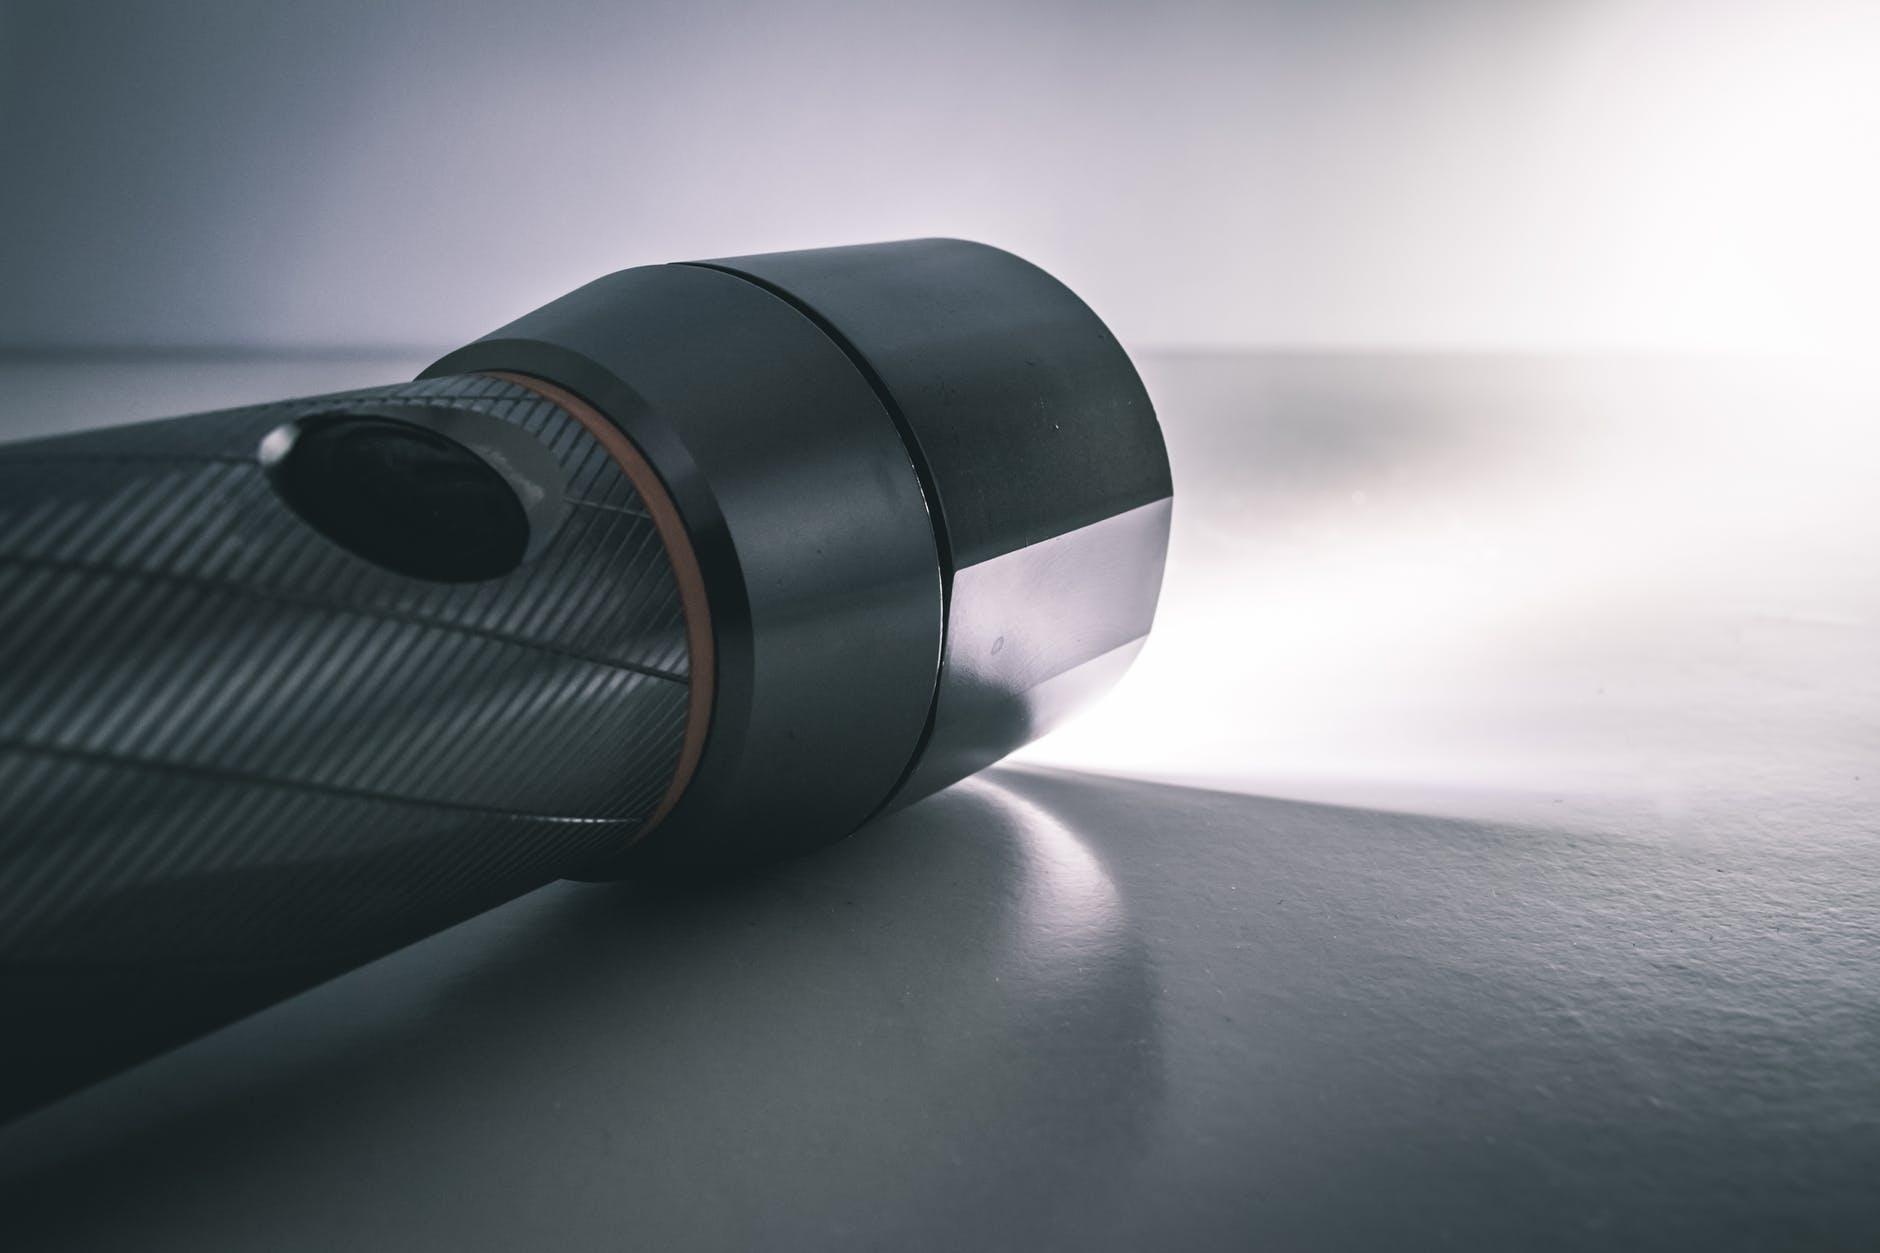 black flashlight turned on